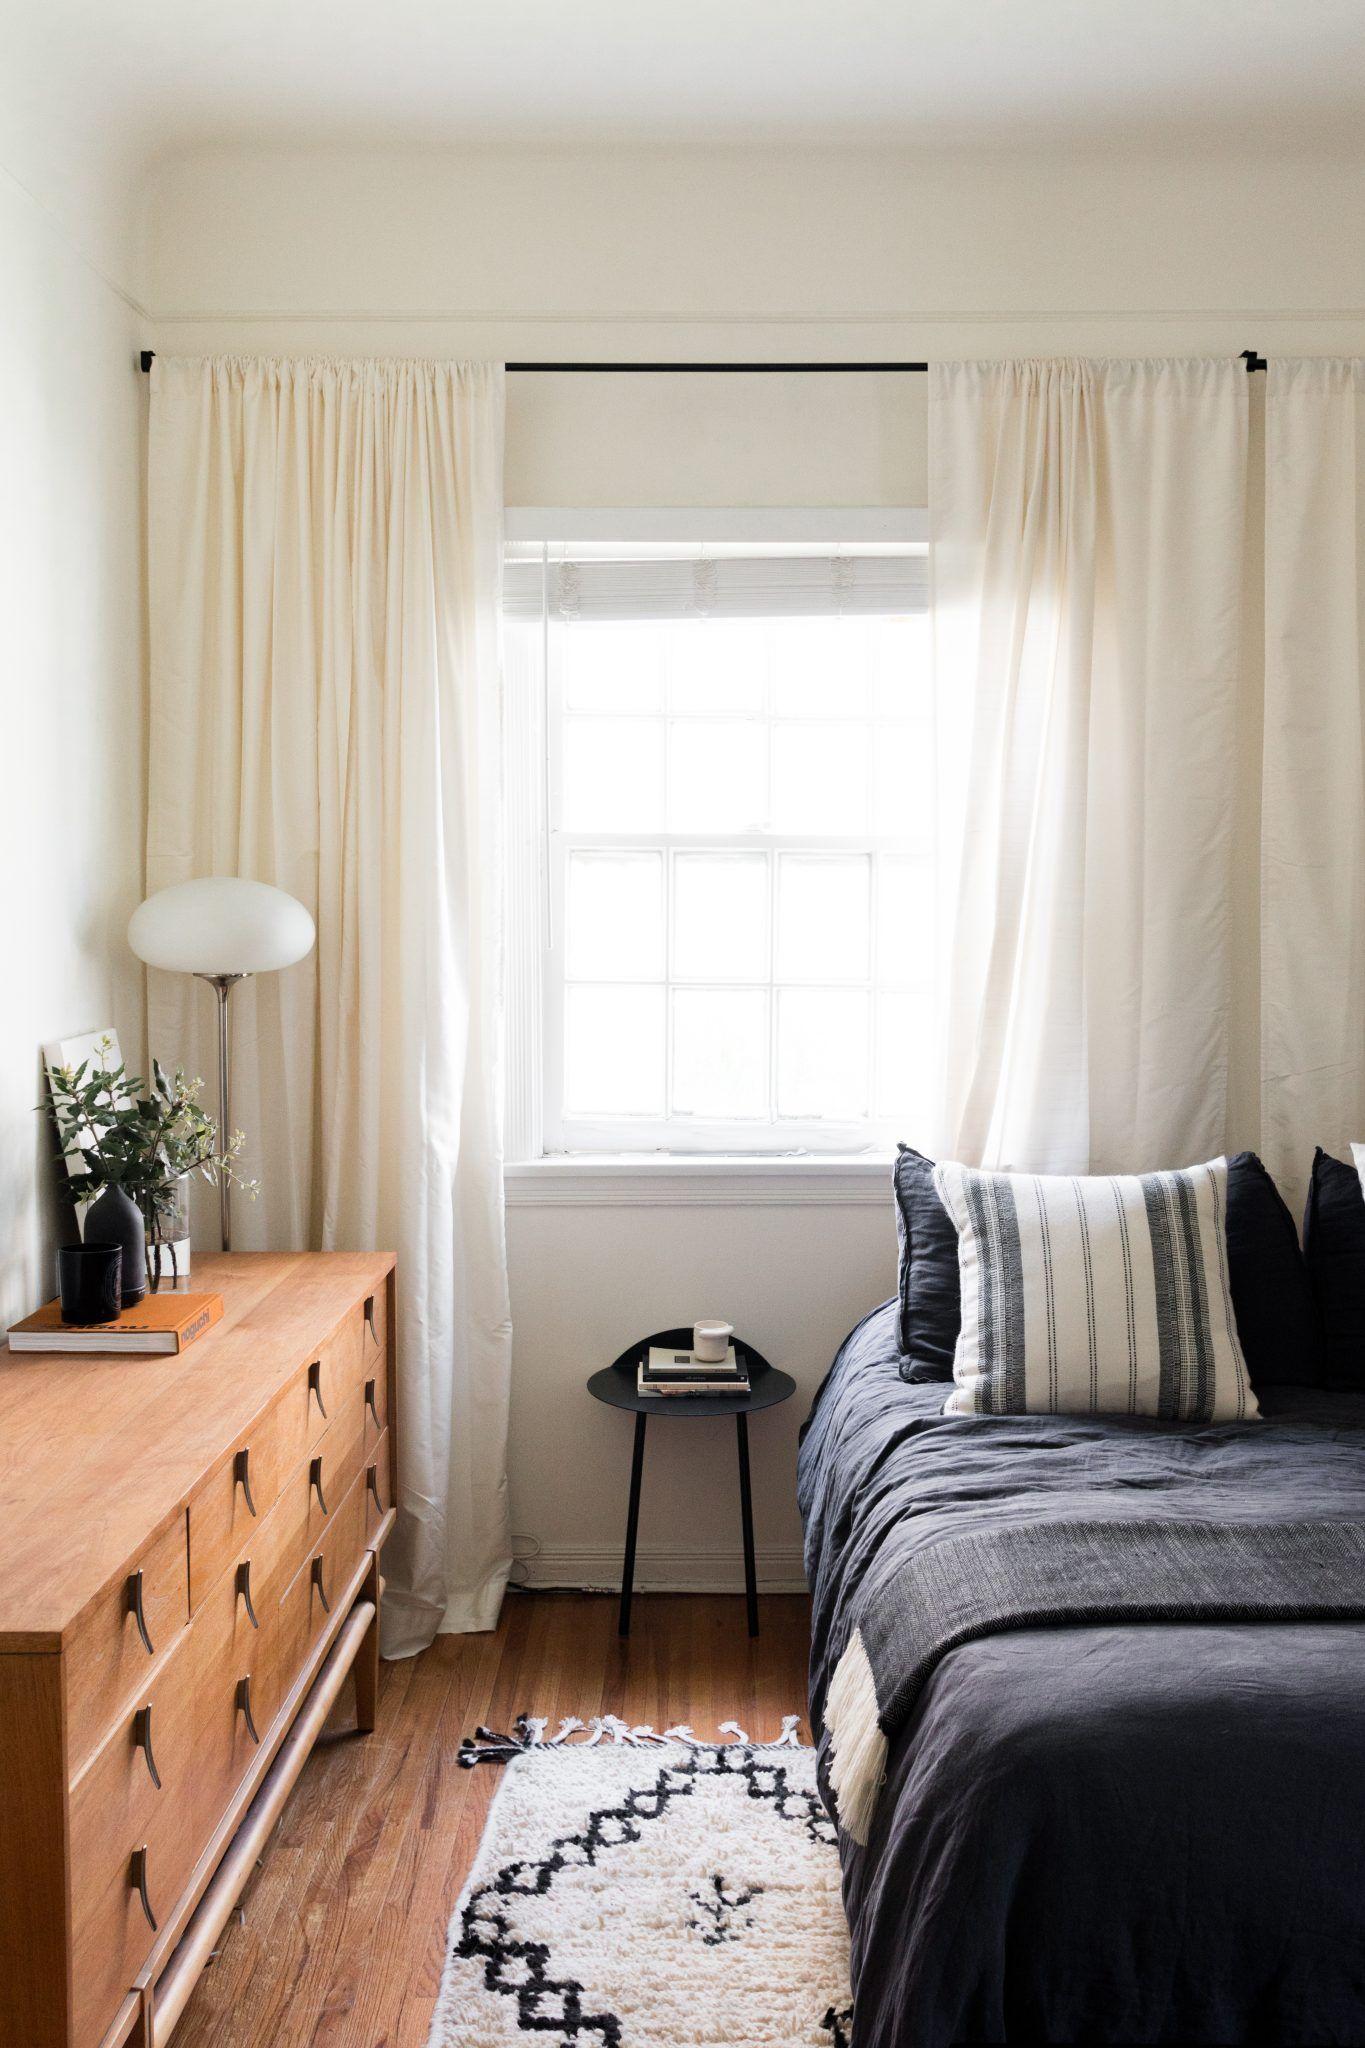 kleines schlafzimmer perfekt als g stezimmer mit platzsparendem wandtisch von menu connox. Black Bedroom Furniture Sets. Home Design Ideas